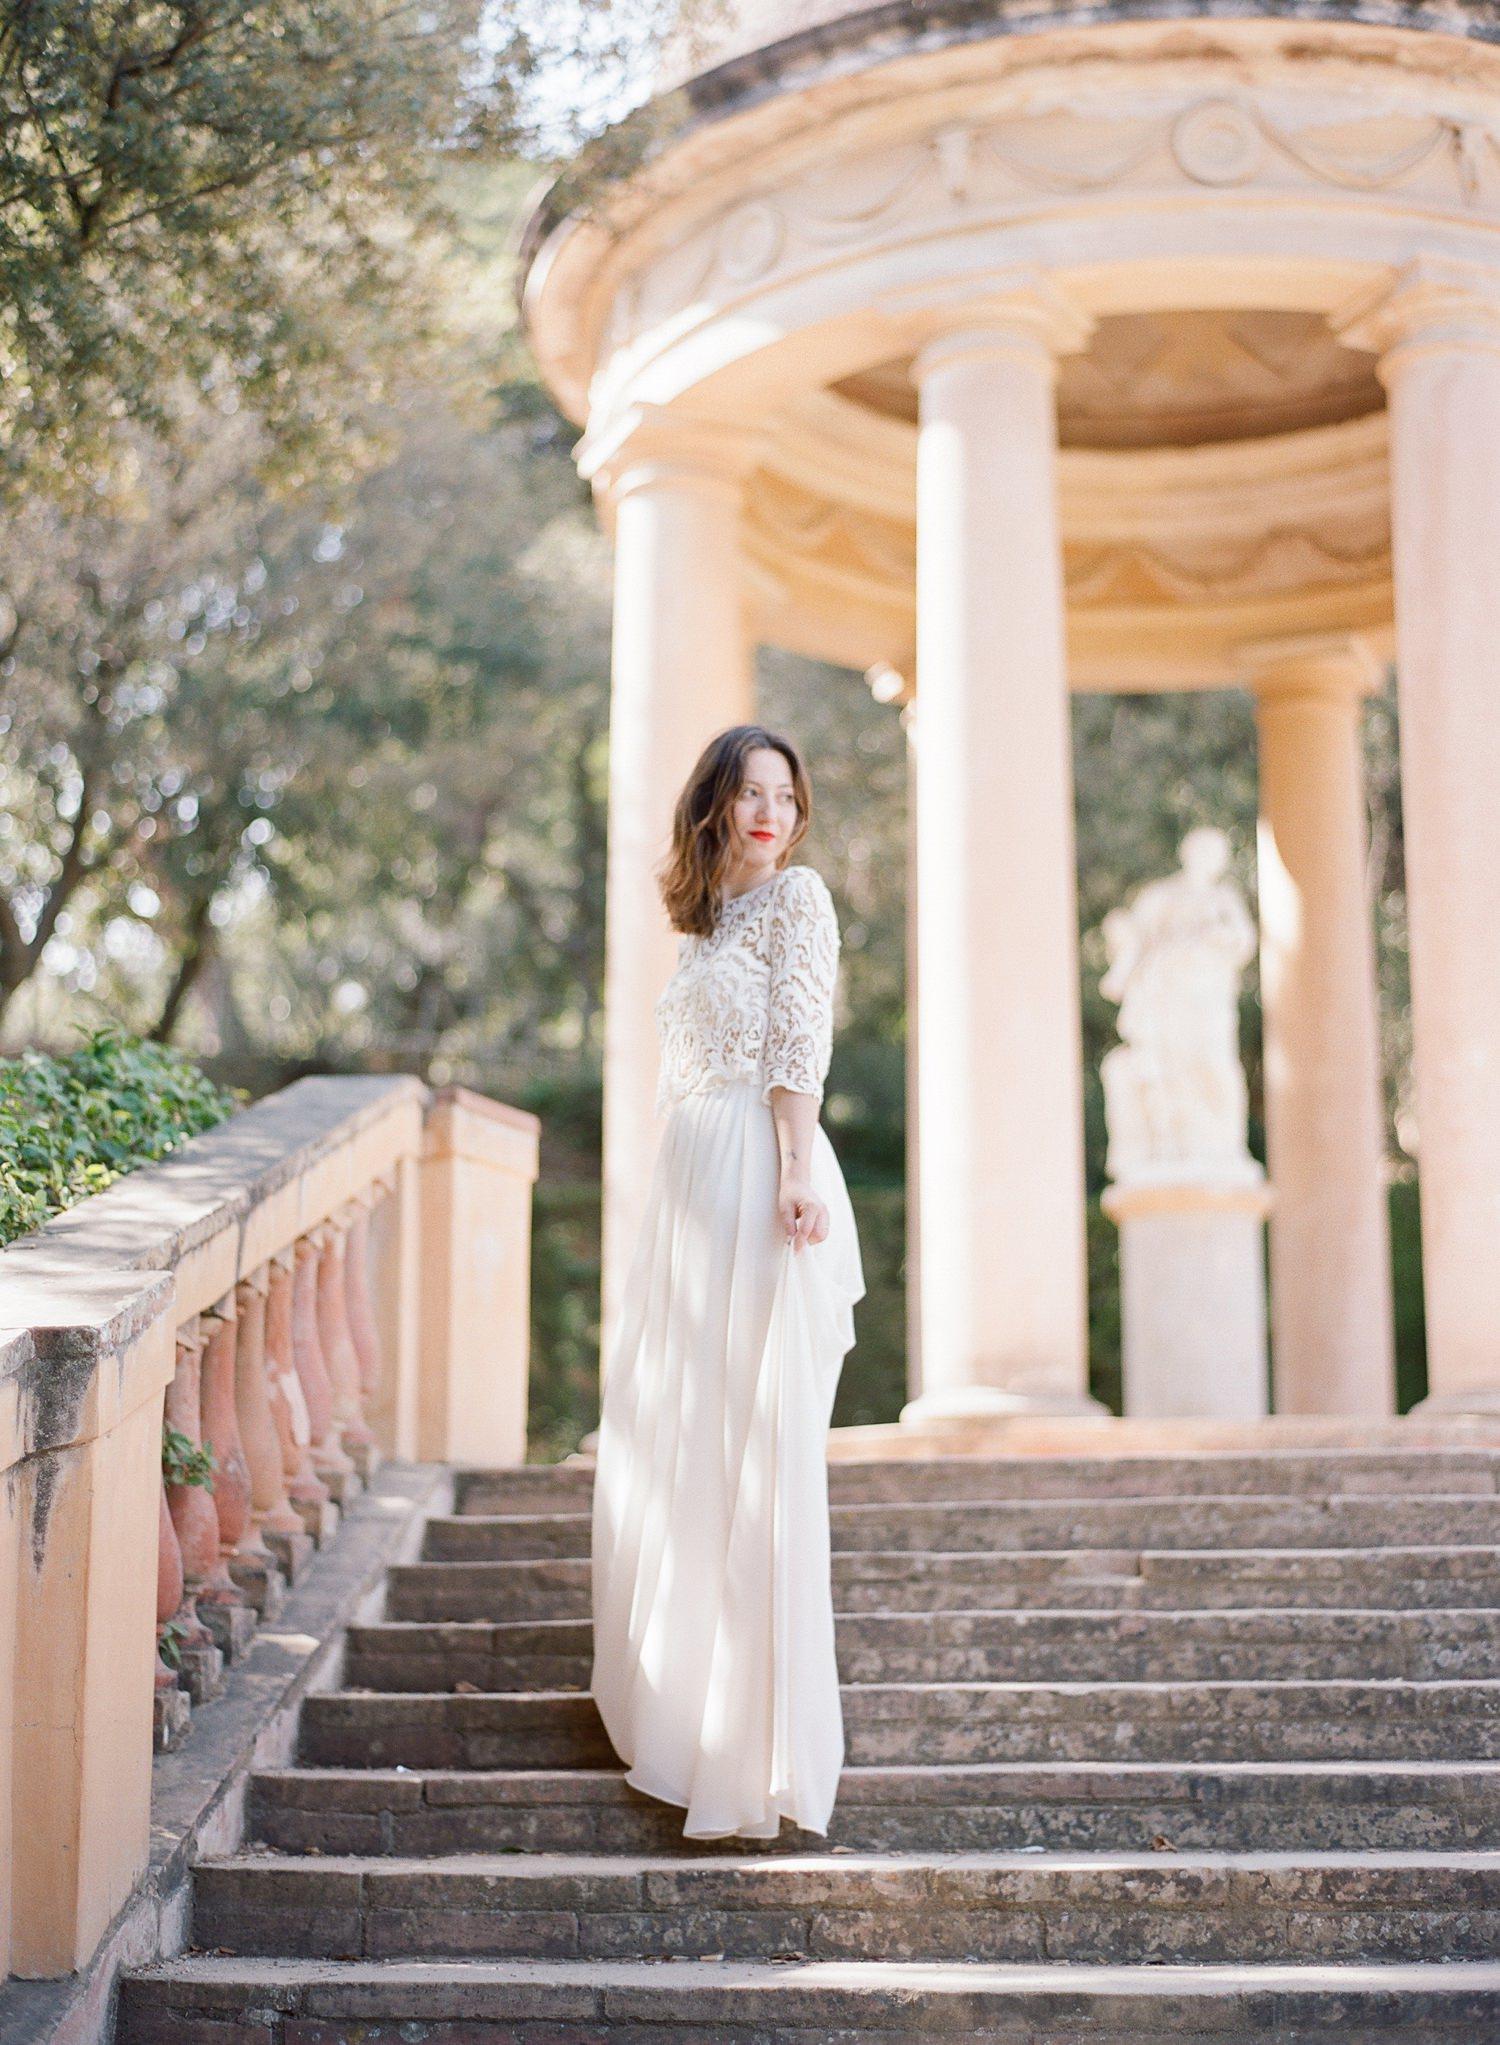 destination wedding photographer in Spain